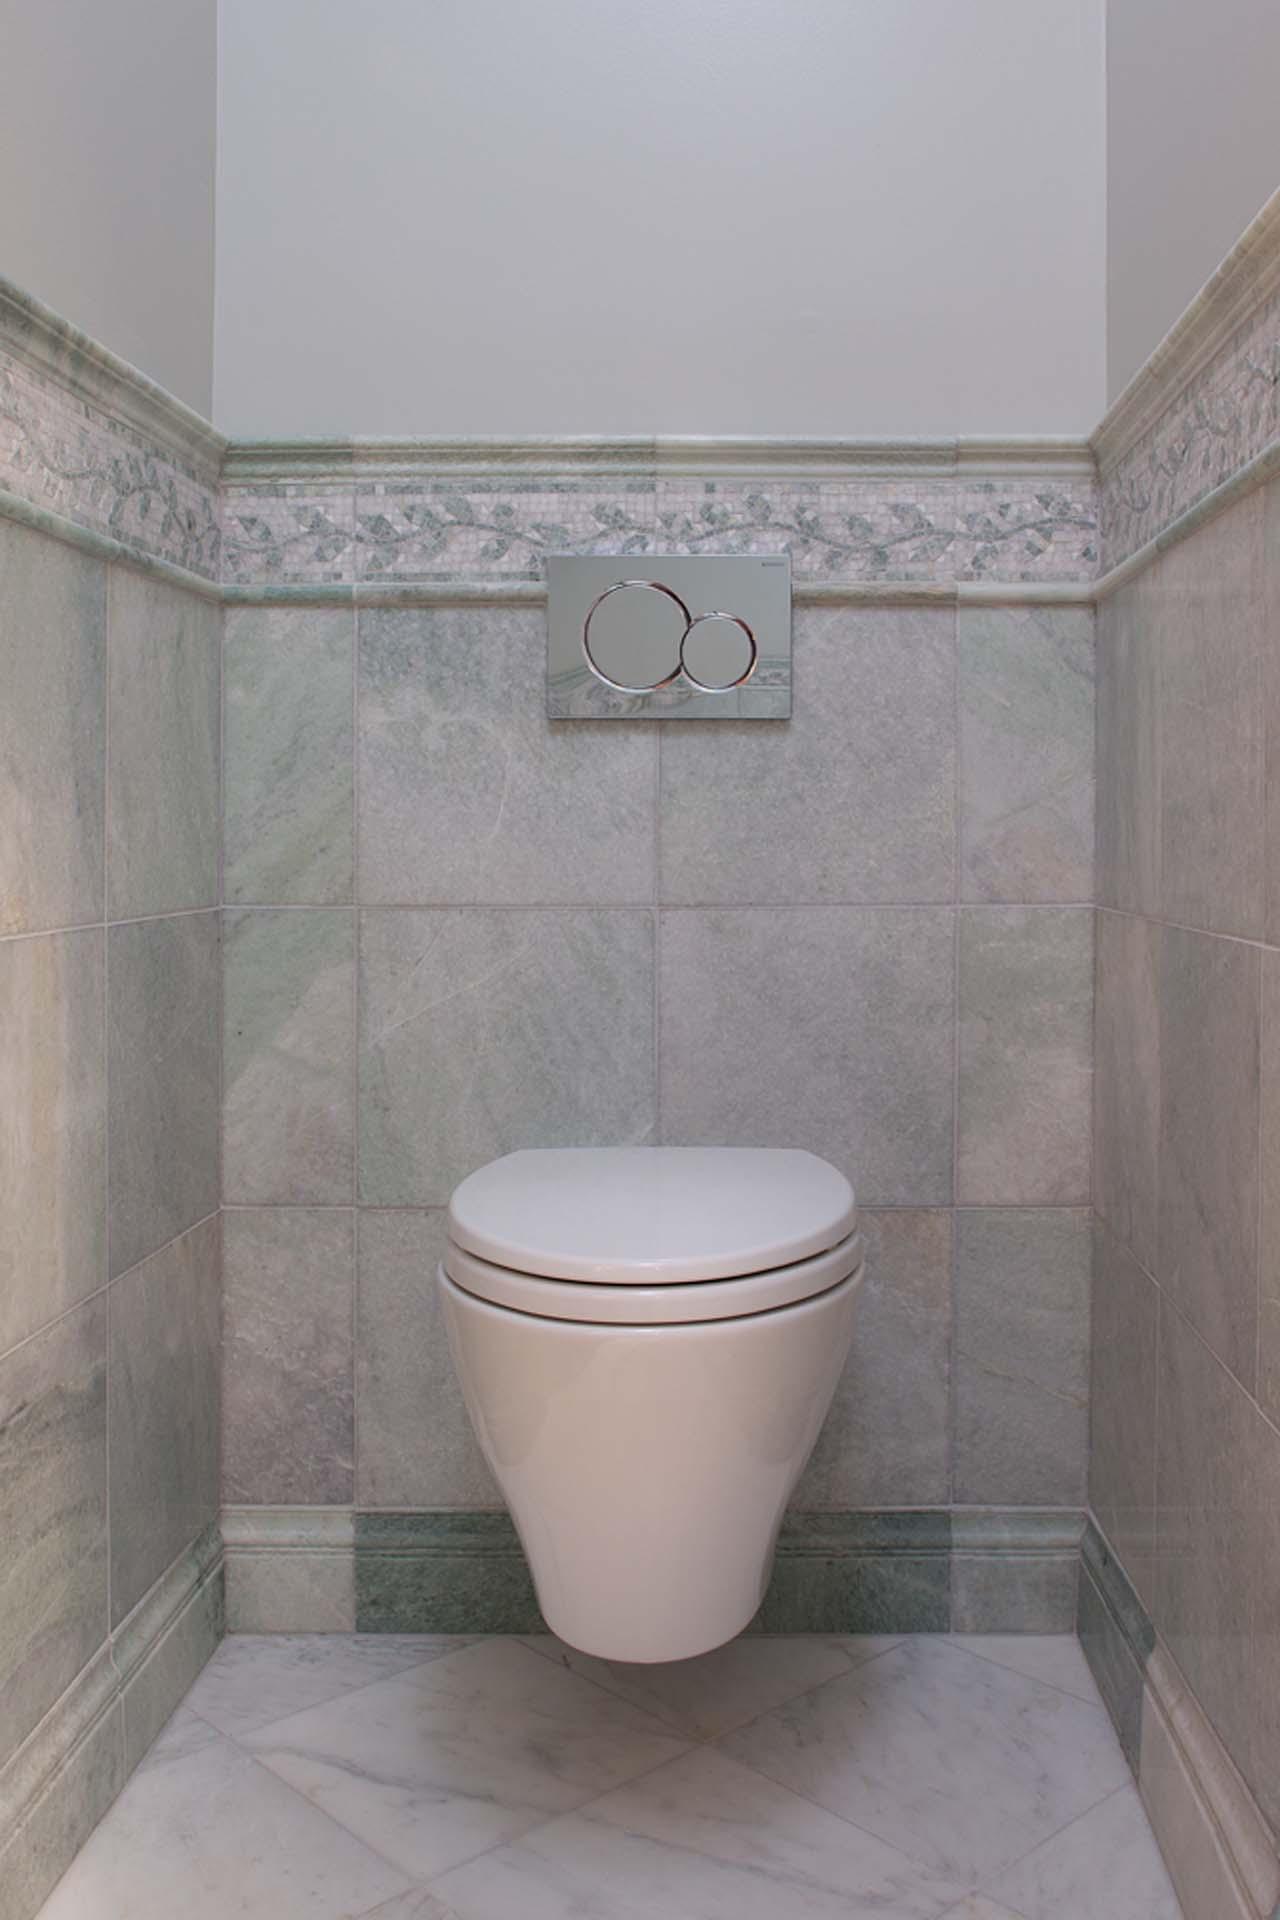 handicap accessable toilet